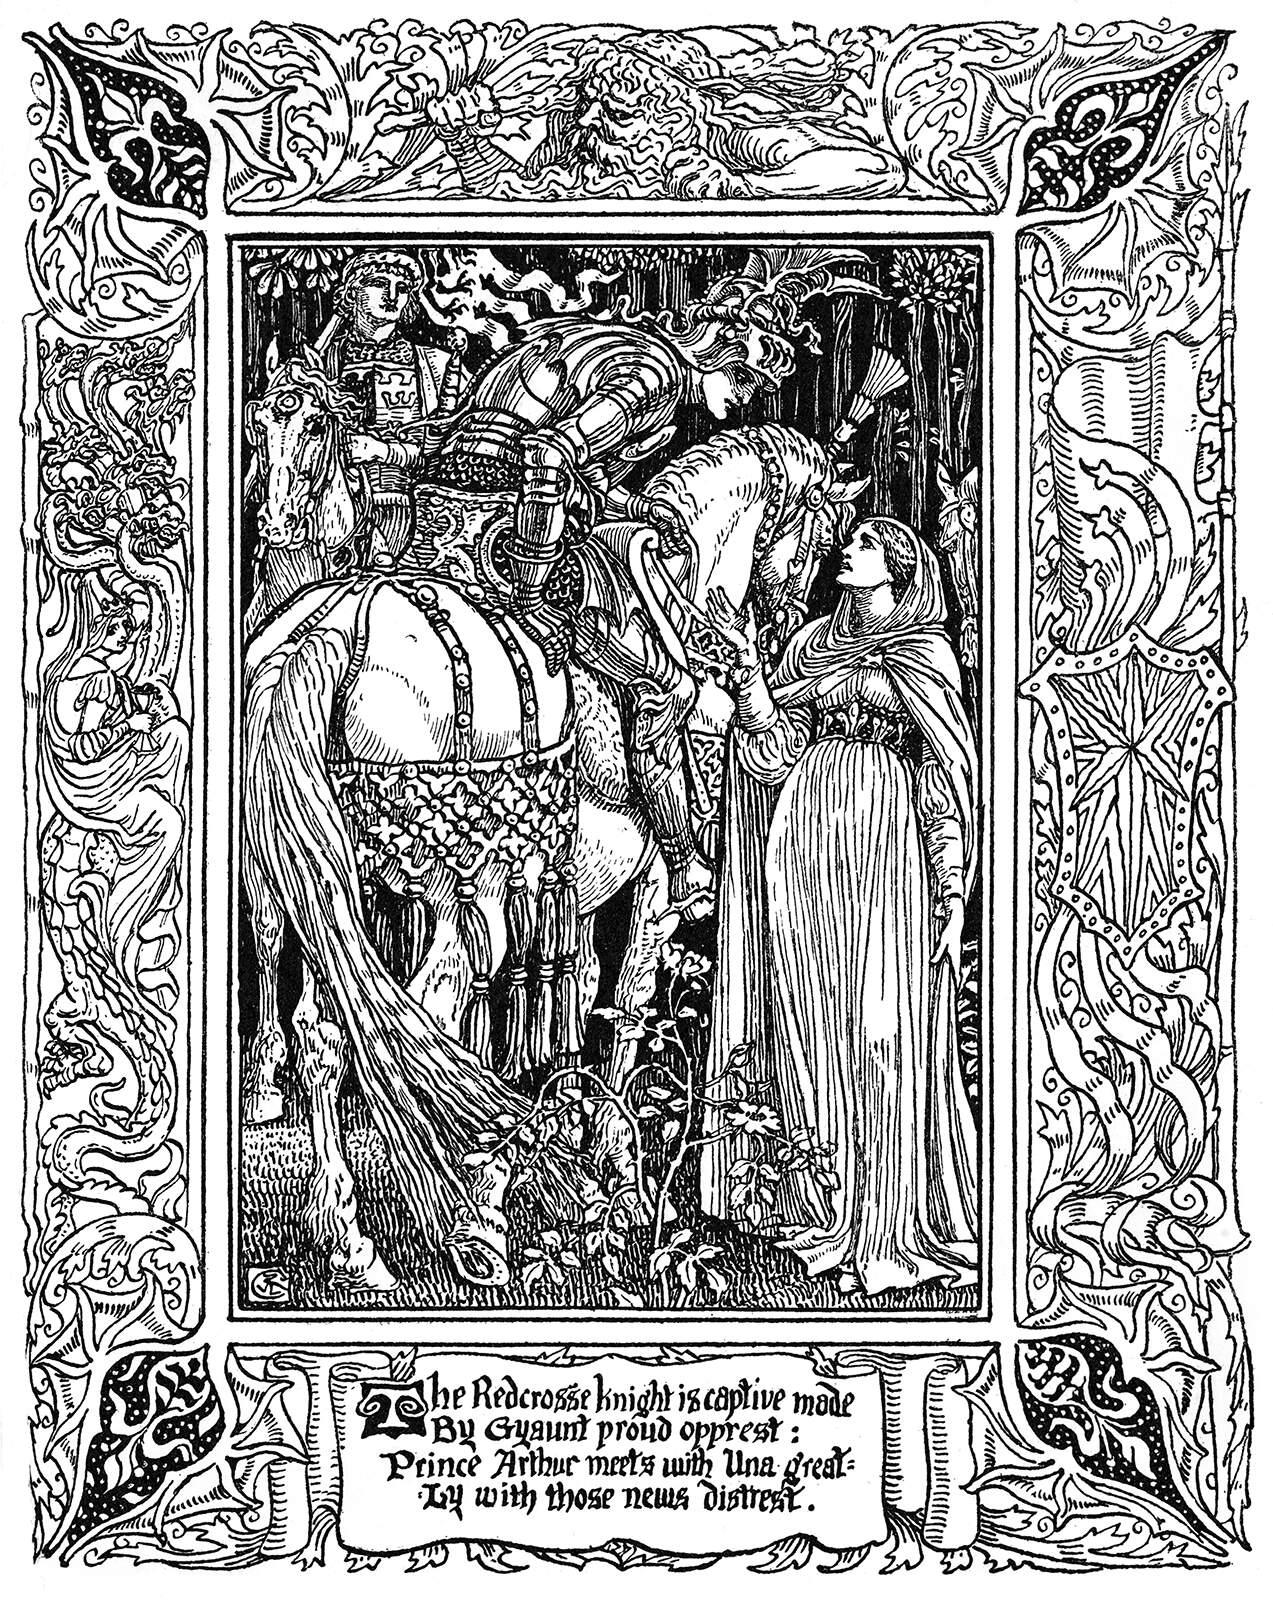 redcrosse-knight-1600.jpg (1273×1600)